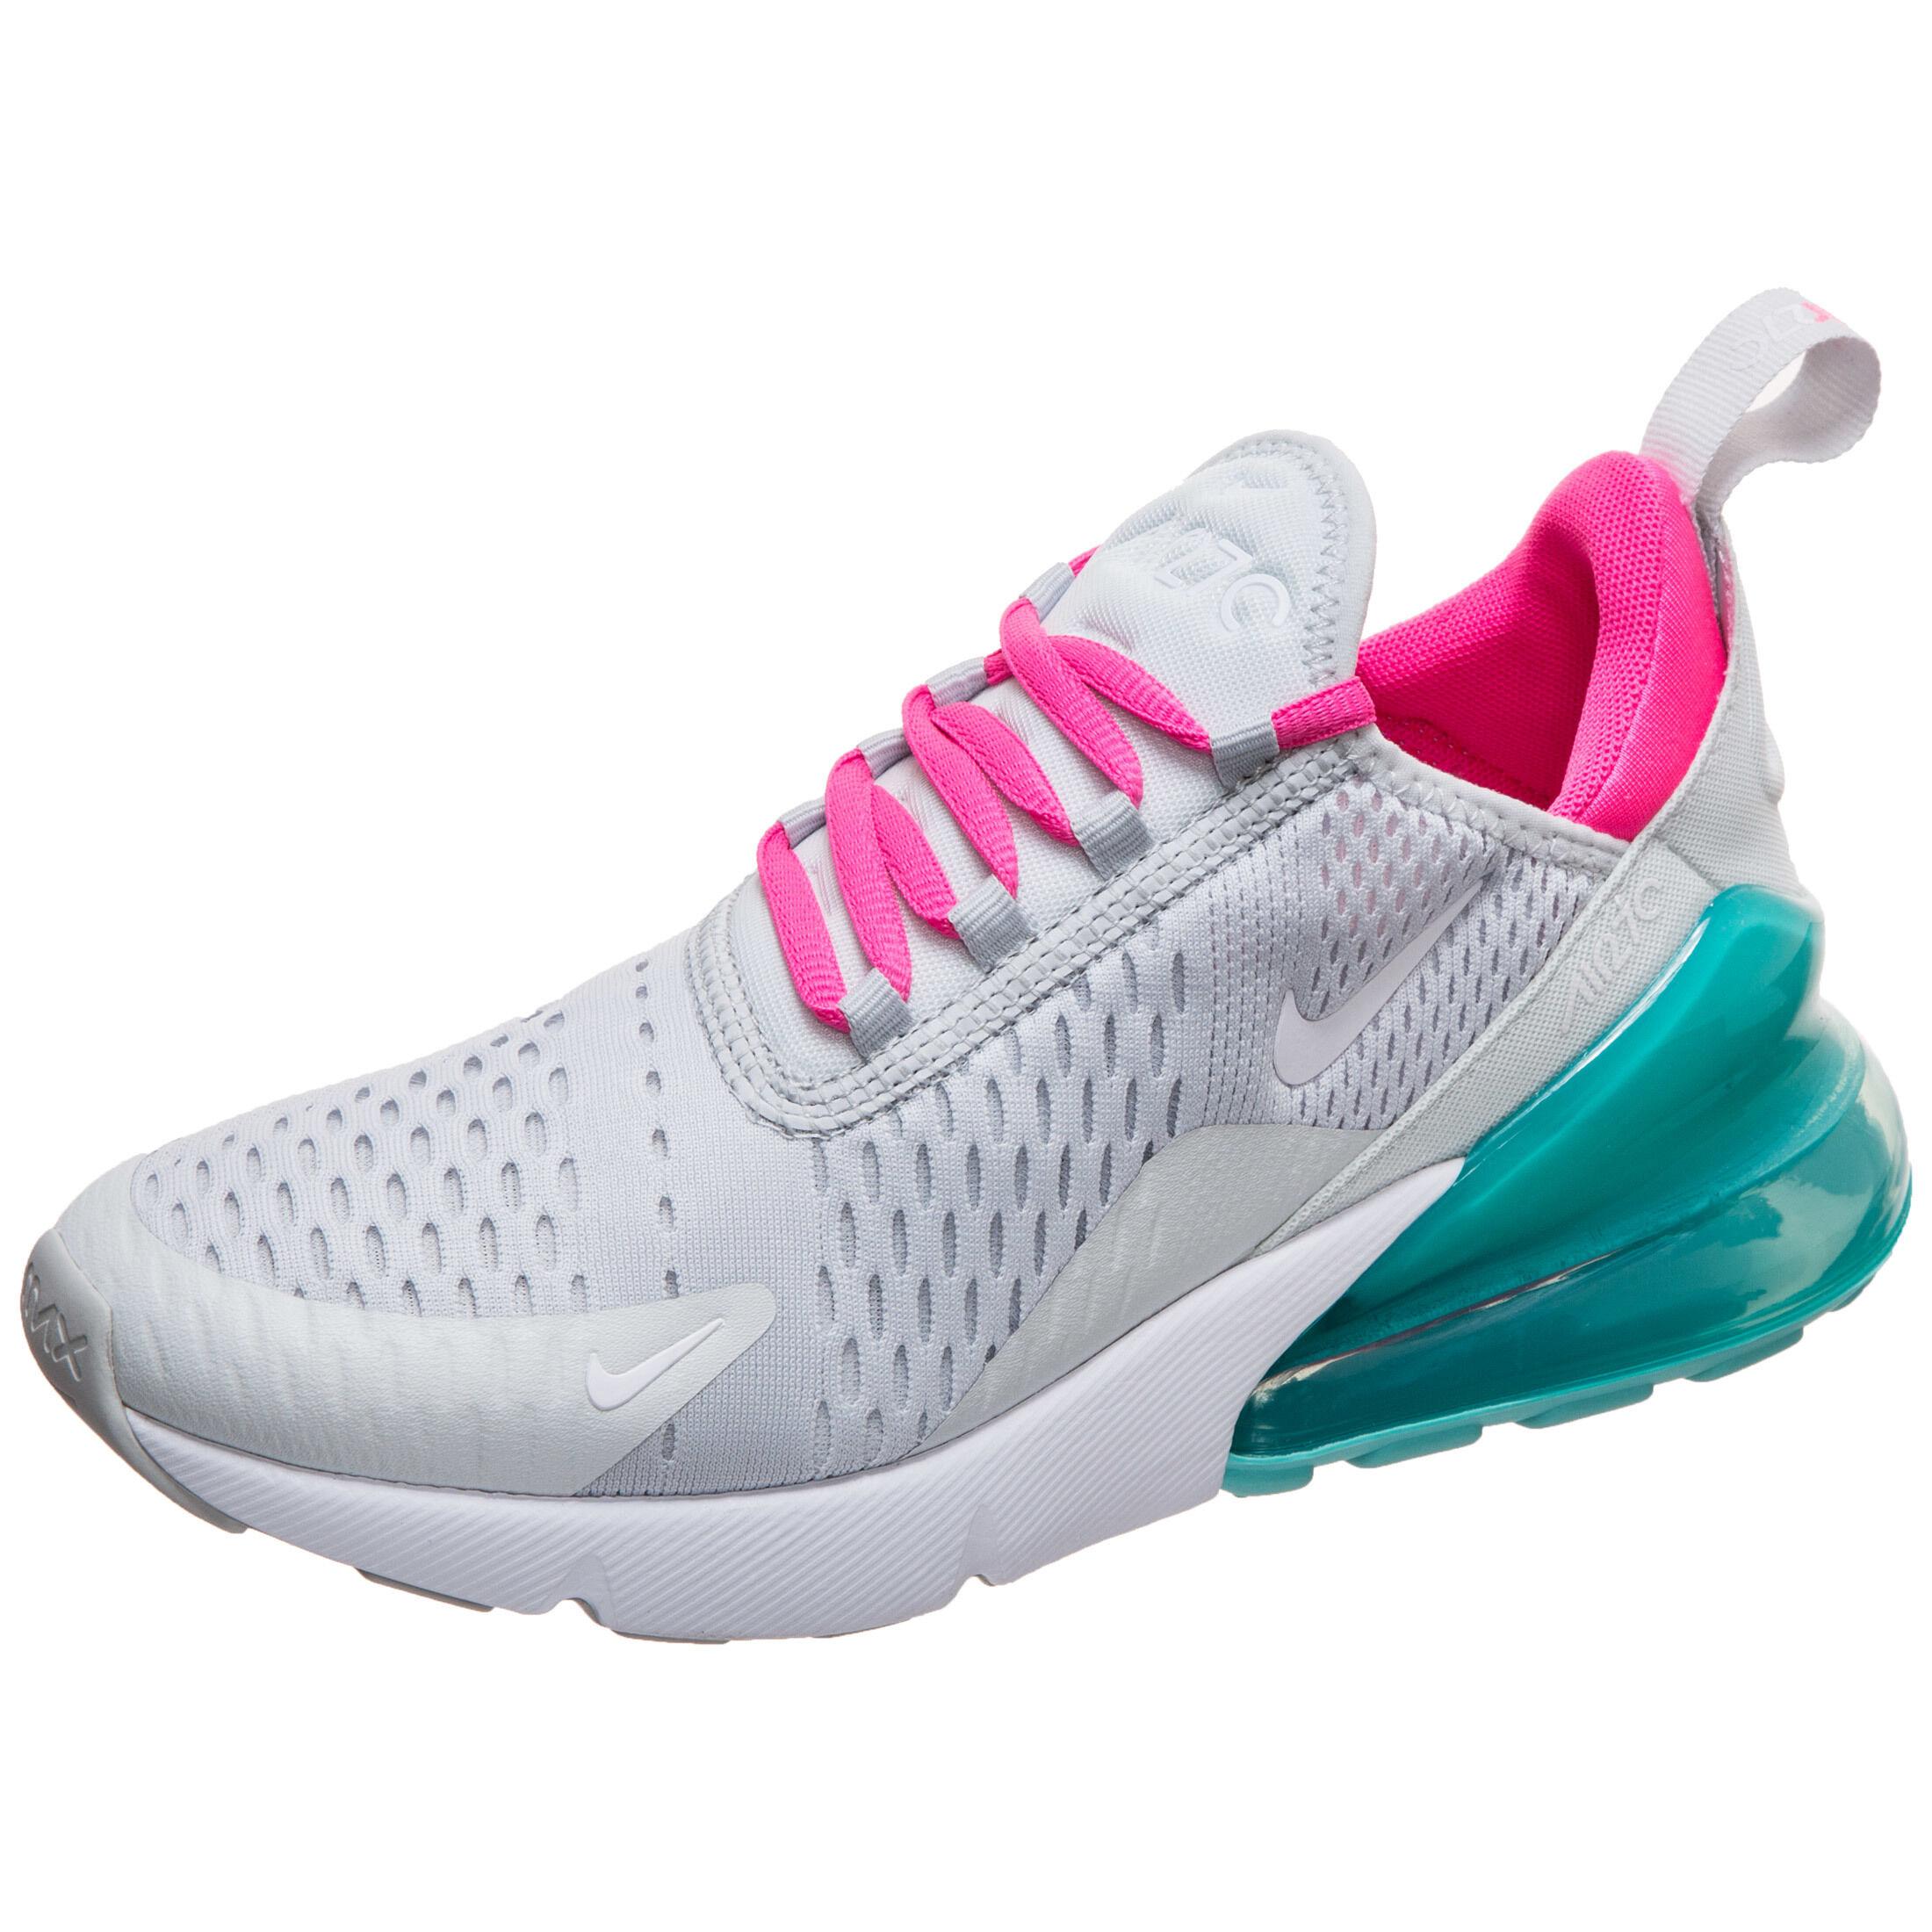 Online Nike Air Max TN Frauen Leder Weiß Pink Großer